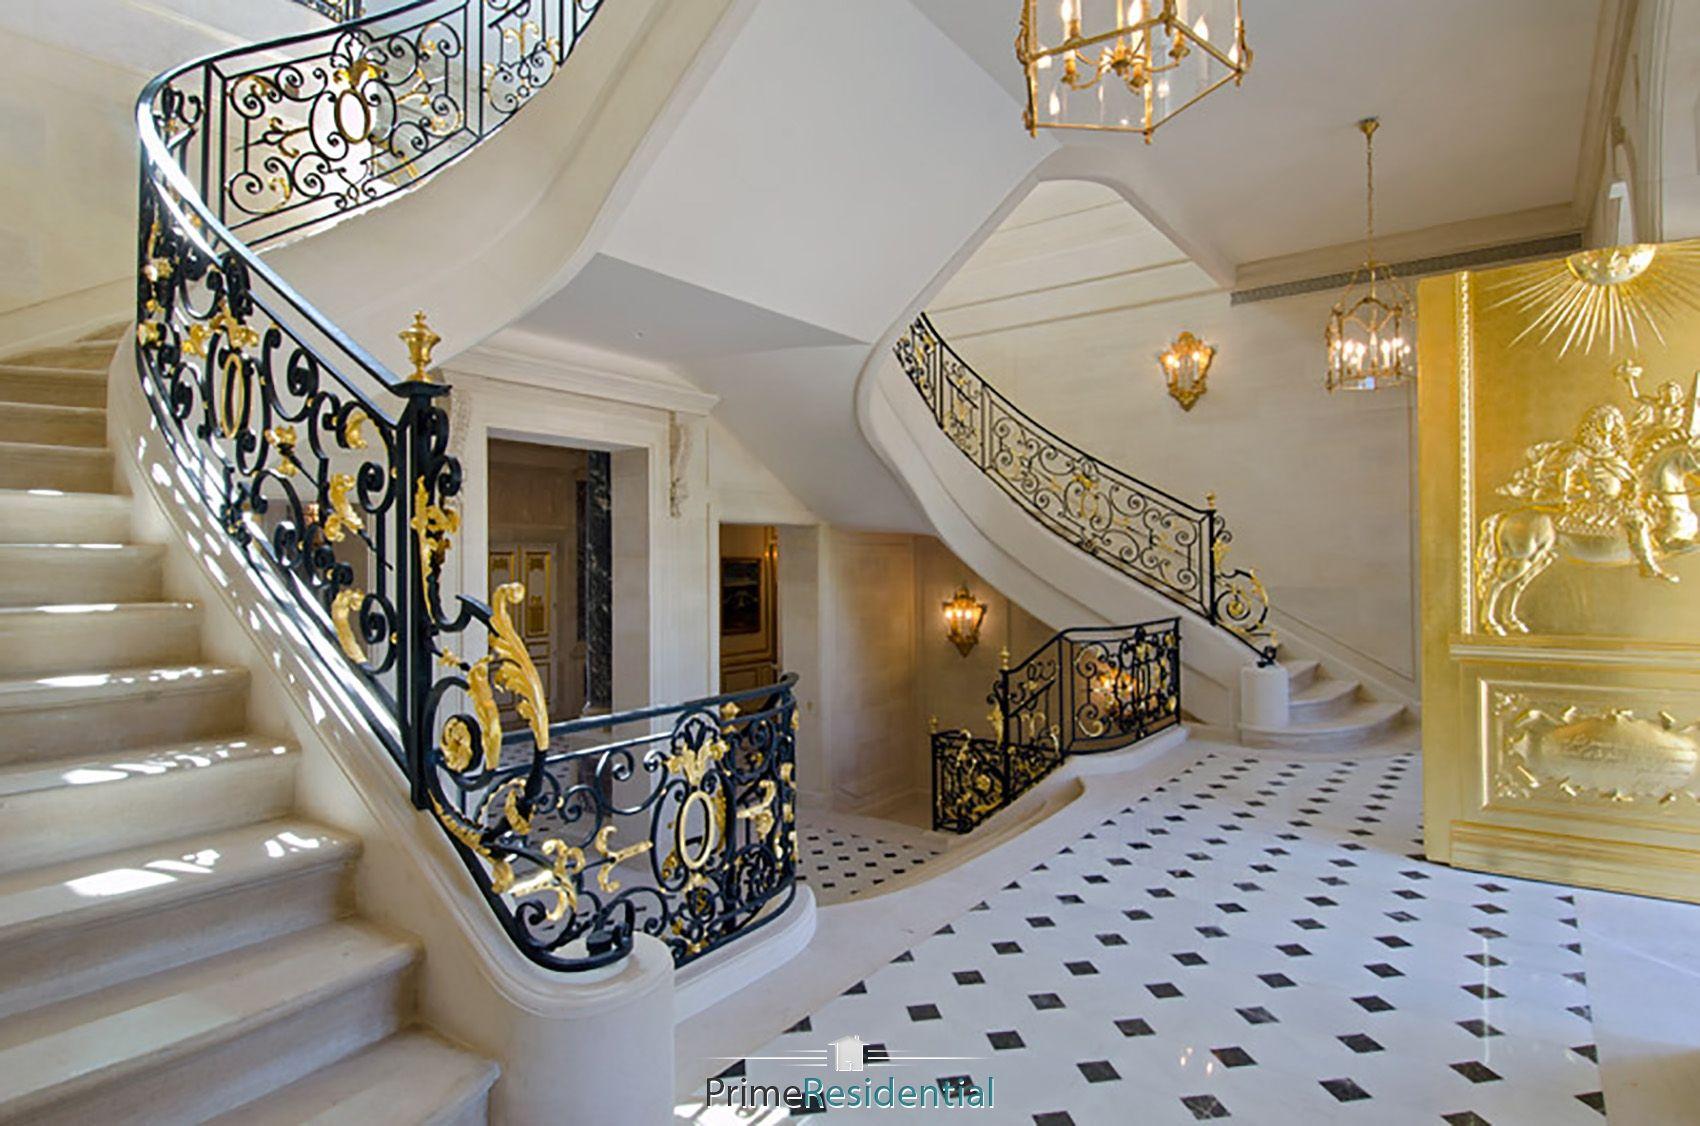 Ch teau louis xiv louveciennes france parisian dreaming for Chateau louis 14 louveciennes